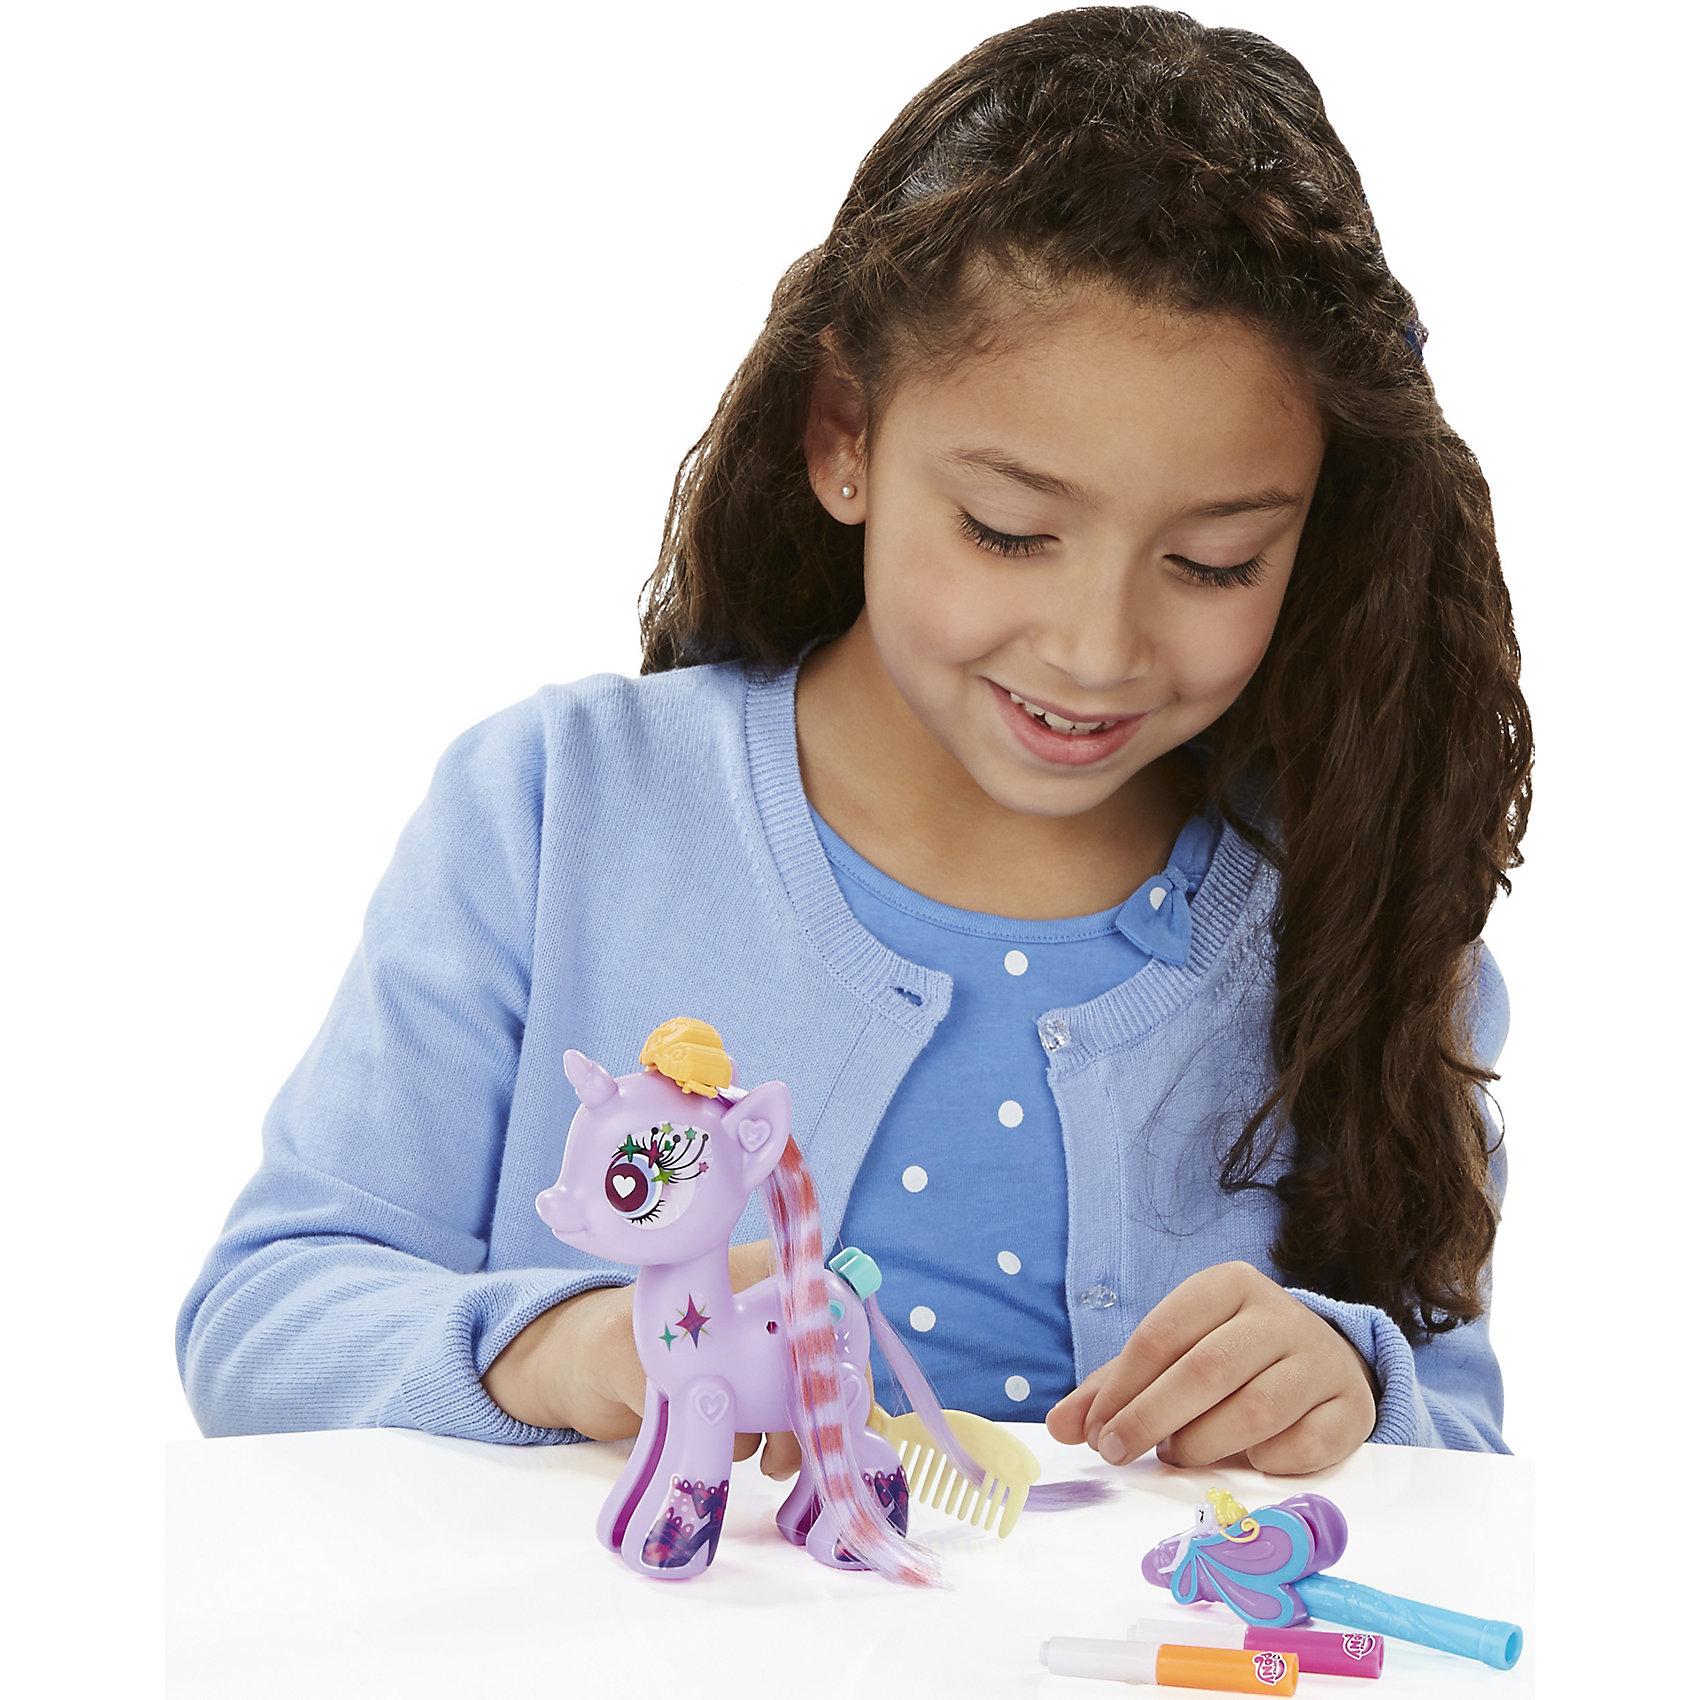 Тематический набор Создай свою пони Старлайт Глиммер, My little Pony, B3591/B5791Игрушки<br>Тематический набор Создай свою пони, My little Pony, B3591/B5791.<br><br>Характеристики:<br><br>- В наборе: фигурка пони Старлайт Глиммер (из двух половинок), две пряди с заколками, 1 хвост, аэромаркер (2 цвета), расческа, наклейки<br>- Можно комбинировать с другими наборами серии<br>- Материал: высококачественная пластмасса<br>- Размер упаковки: 15х2х16 см.<br><br>Игровой набор Создай свою пони станет приятным подарком для девочки - поклонницы мультсериала Моя маленькая пони. Дружба - это чудо!. Малышка сможет самостоятельно соединить две части пони вместе и, благодаря специальным накладным прядям, создать неповторимый образ для пони Старлайт Глиммер. Пряди на заколках сделаны из качественного искусственного волокна. Маркерам, входящими в набор, их можно раскрашивать. Множество декоративных наклеек из набора помогут Старлайт Глиммер обрести уникальный внешний вид. Игрушка выполнена из высококачественной пластмассы и имеет поразительное сходство с героиней мультсериала. Игровой набор позволит придумать множество разных сюжетных линий, историй и развить фантазию и мелкую моторику. Фигурка отлично впишется в коллекцию девочки и подарит ей множество положительных эмоций. Детали набора можно комбинировать с элементами из других наборов Создай свою пони.<br><br>Тематический набор Создай свою пони, My little Pony, B3591/B5791 можно купить в нашем интернет-магазине.<br><br>Ширина мм: 35<br>Глубина мм: 229<br>Высота мм: 975<br>Вес г: 300<br>Возраст от месяцев: 48<br>Возраст до месяцев: 144<br>Пол: Женский<br>Возраст: Детский<br>SKU: 5064684